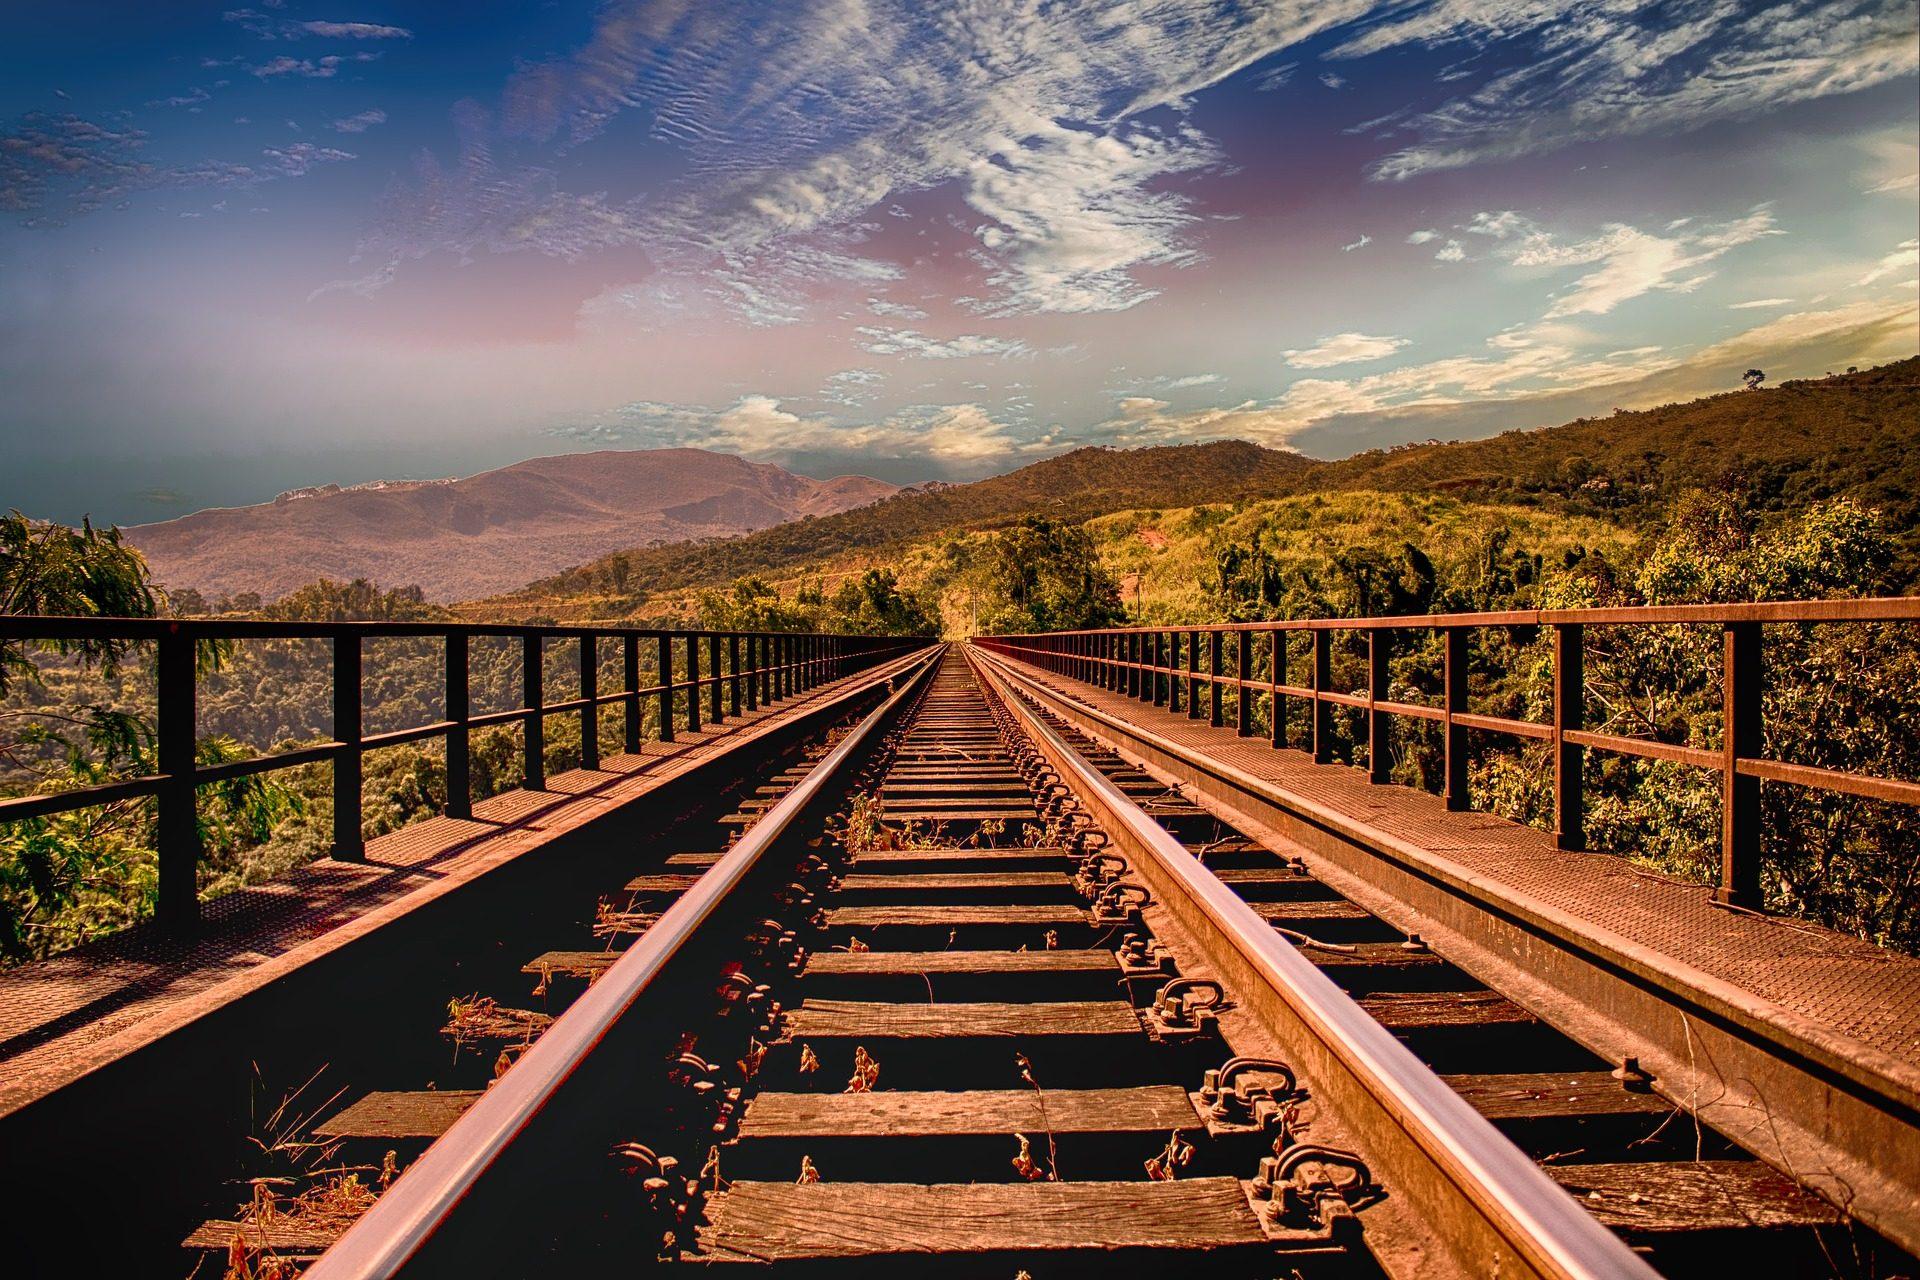 caminhos, Estrada, trem, estrada de ferro, montañas, Céu - Papéis de parede HD - Professor-falken.com